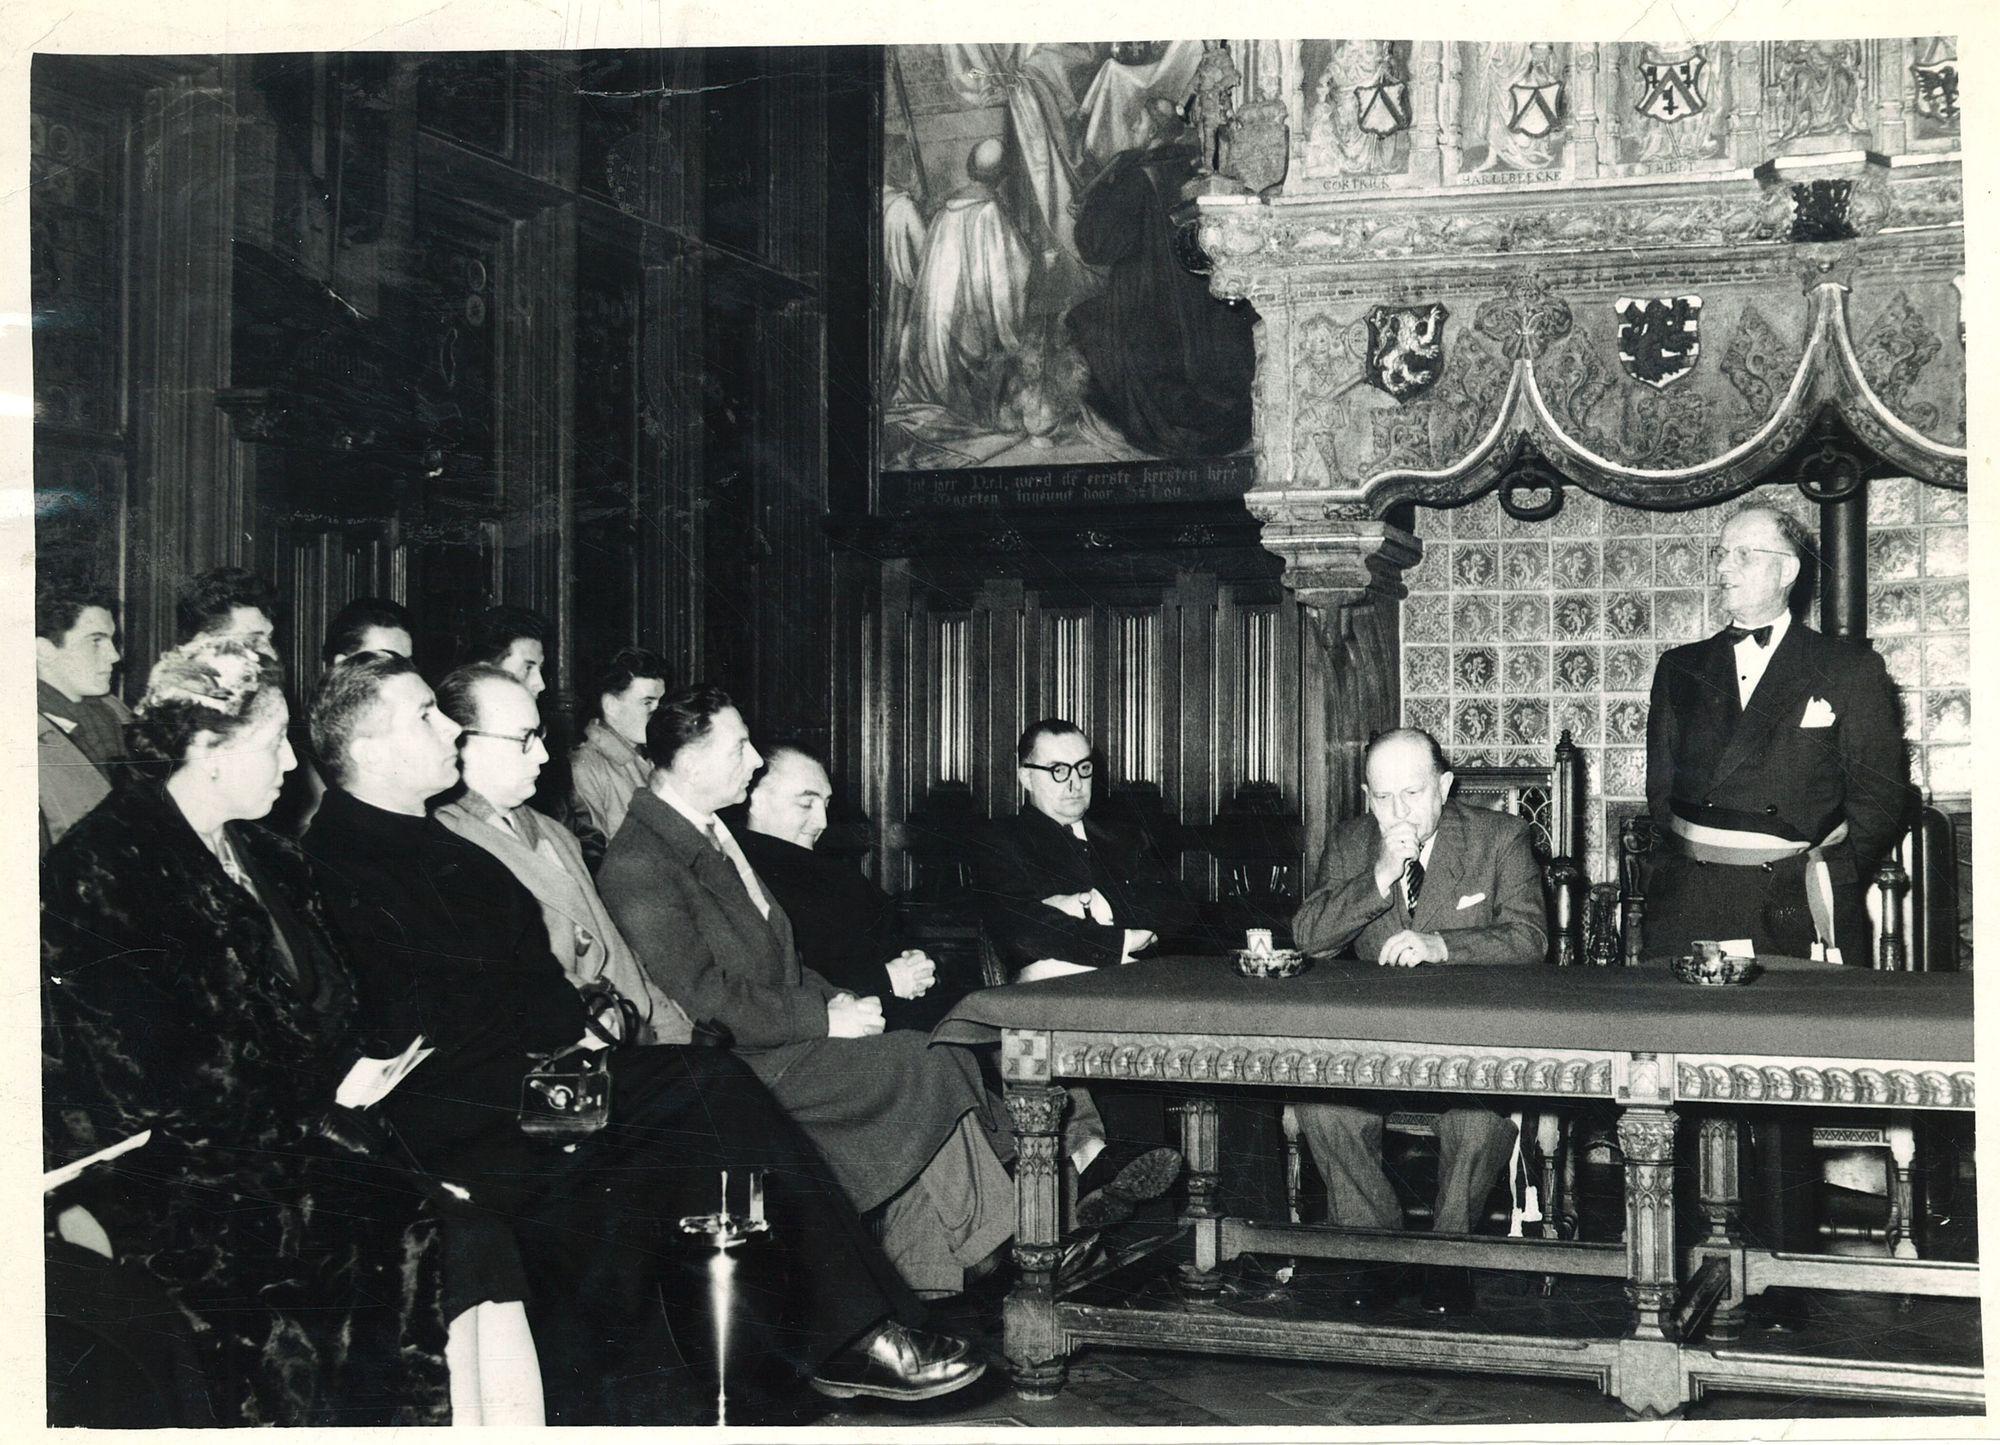 Bijeenkomst in het stadhuis